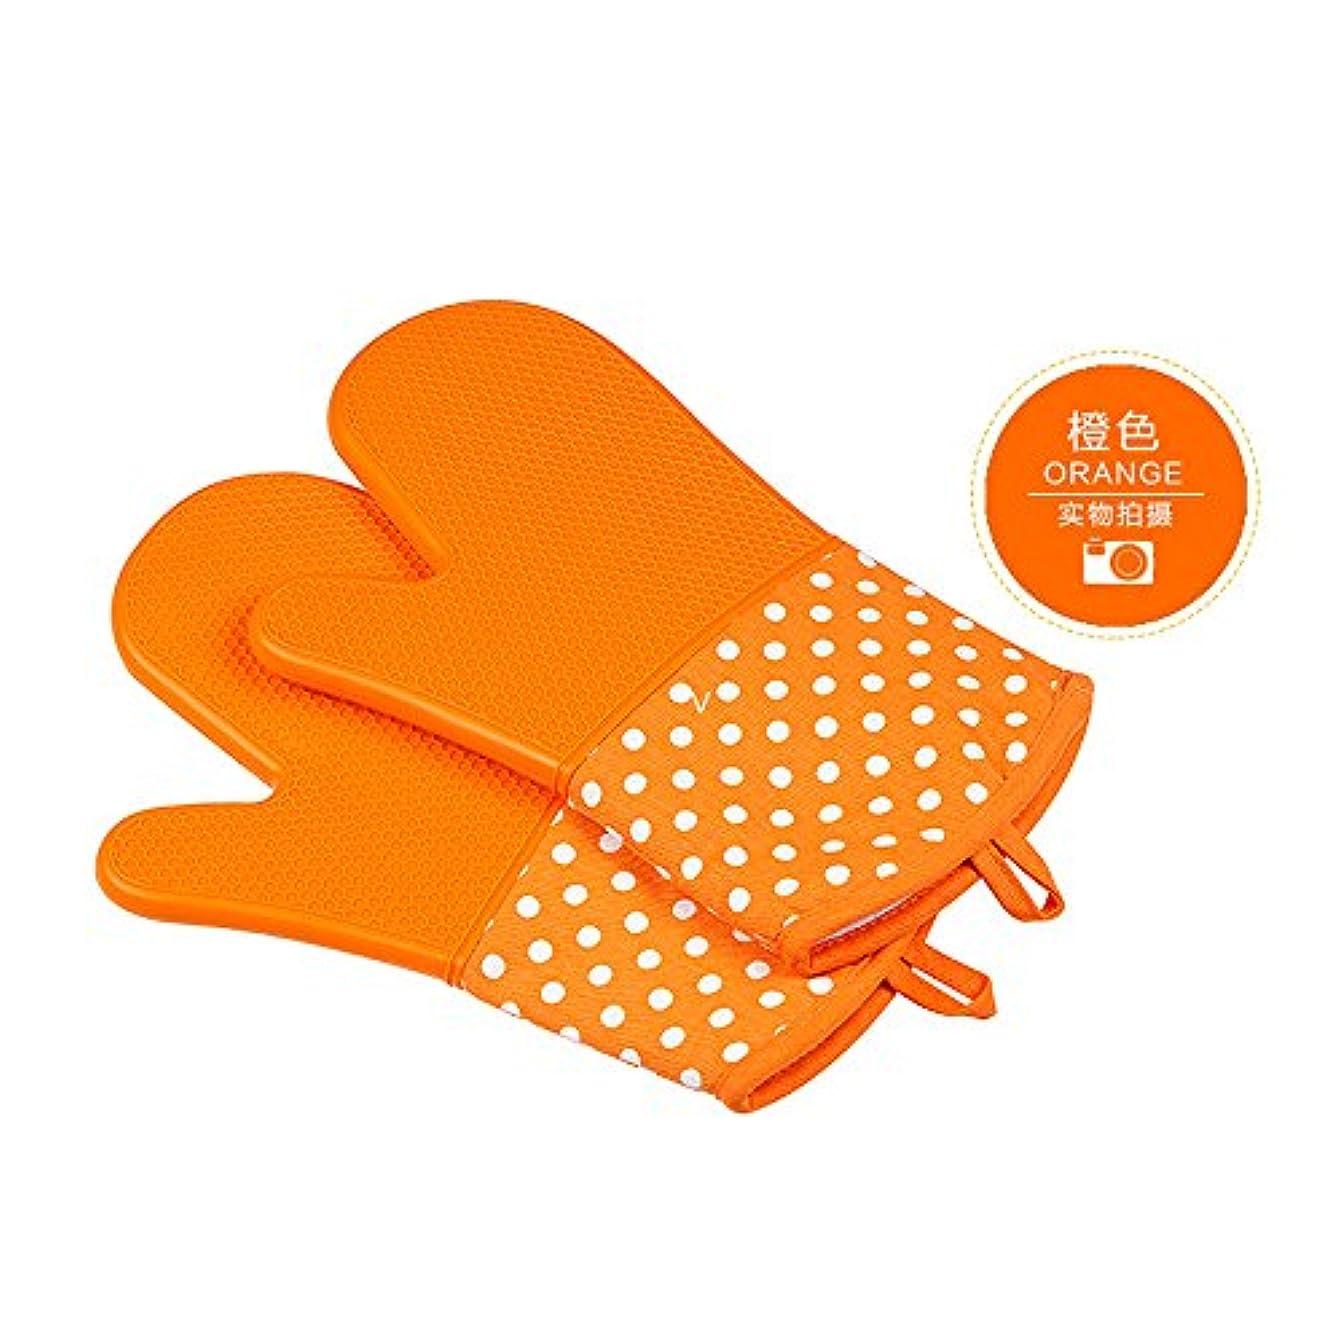 ベスビオ山受け皿リサイクルするJOOP【2個セット】【シリコンベーキング手袋】【バーベキュー手袋】【キッチン電子レンジの手袋】【オーブン断熱手袋】【300の加熱温度極値】【7色】 (グリーン)